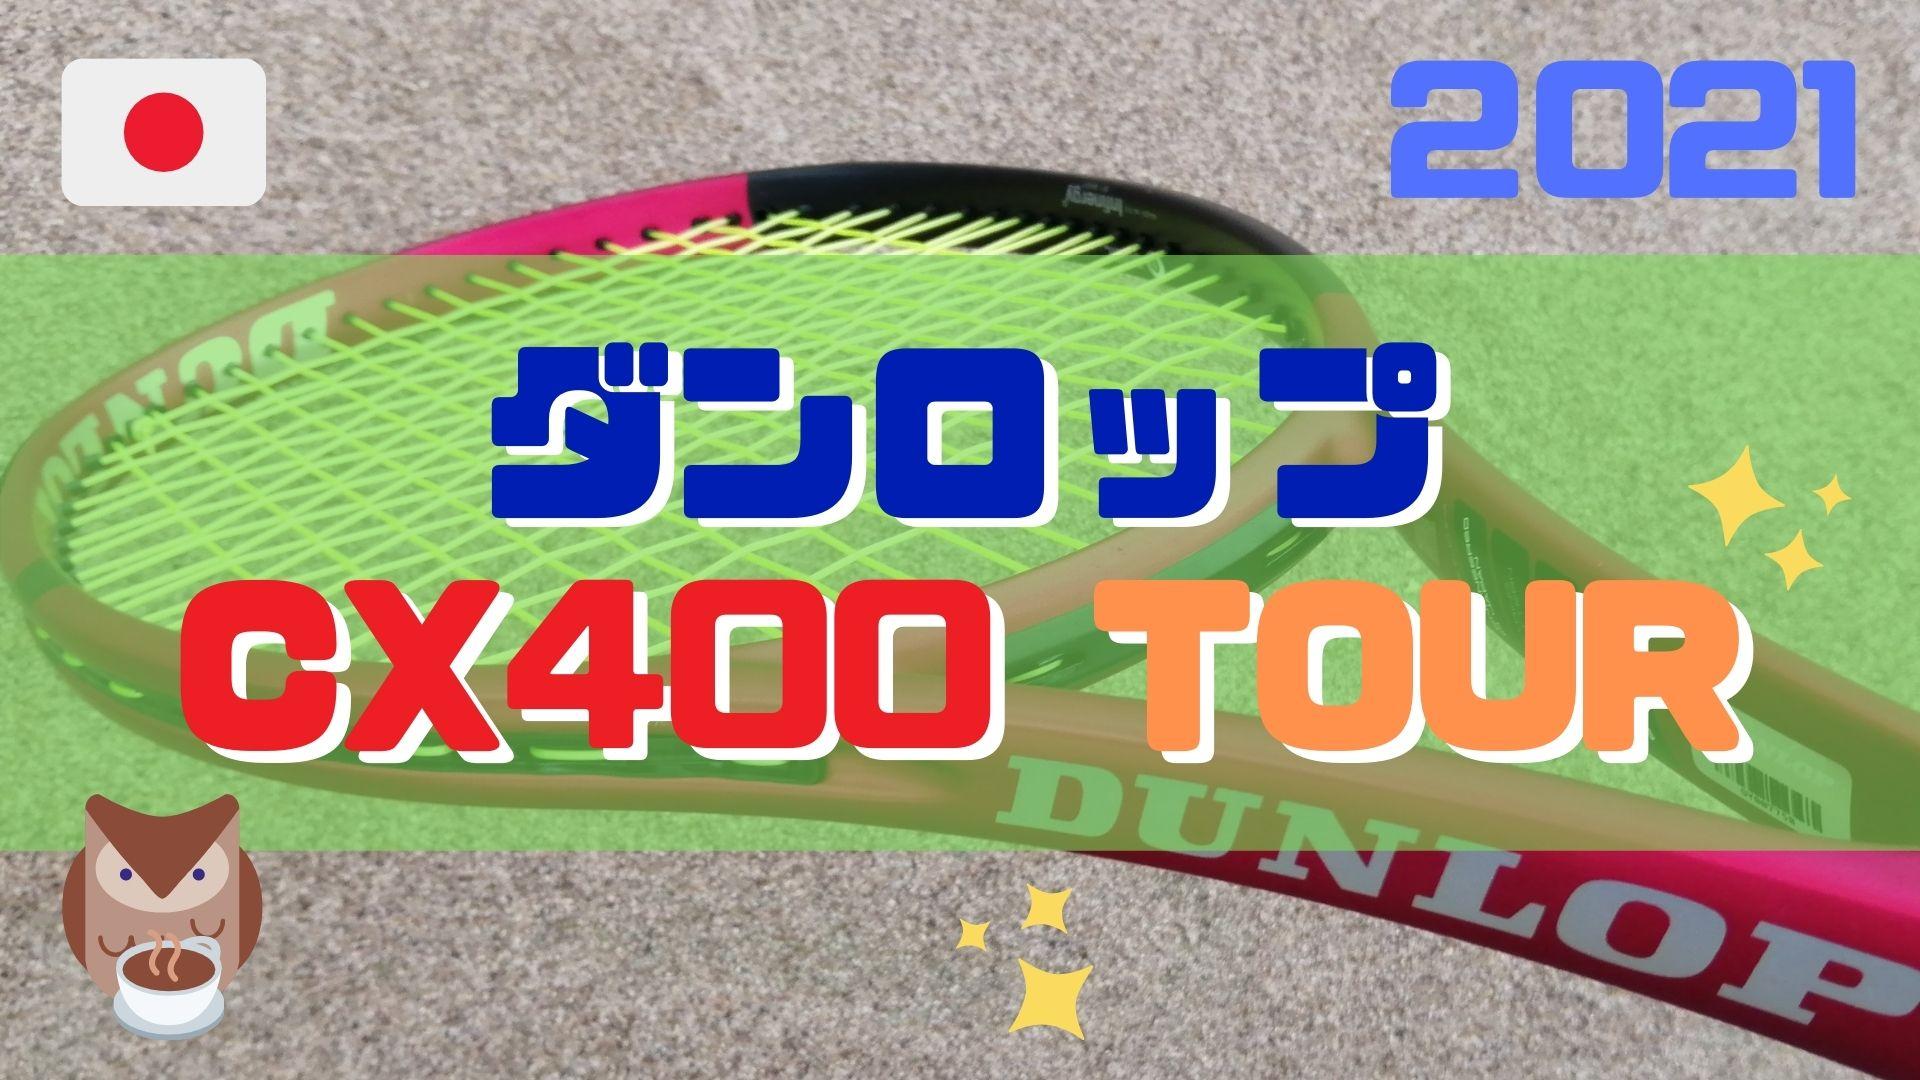 ダンロップCX400ツアー【インプレ評価】Dunlop CX400 TOUR